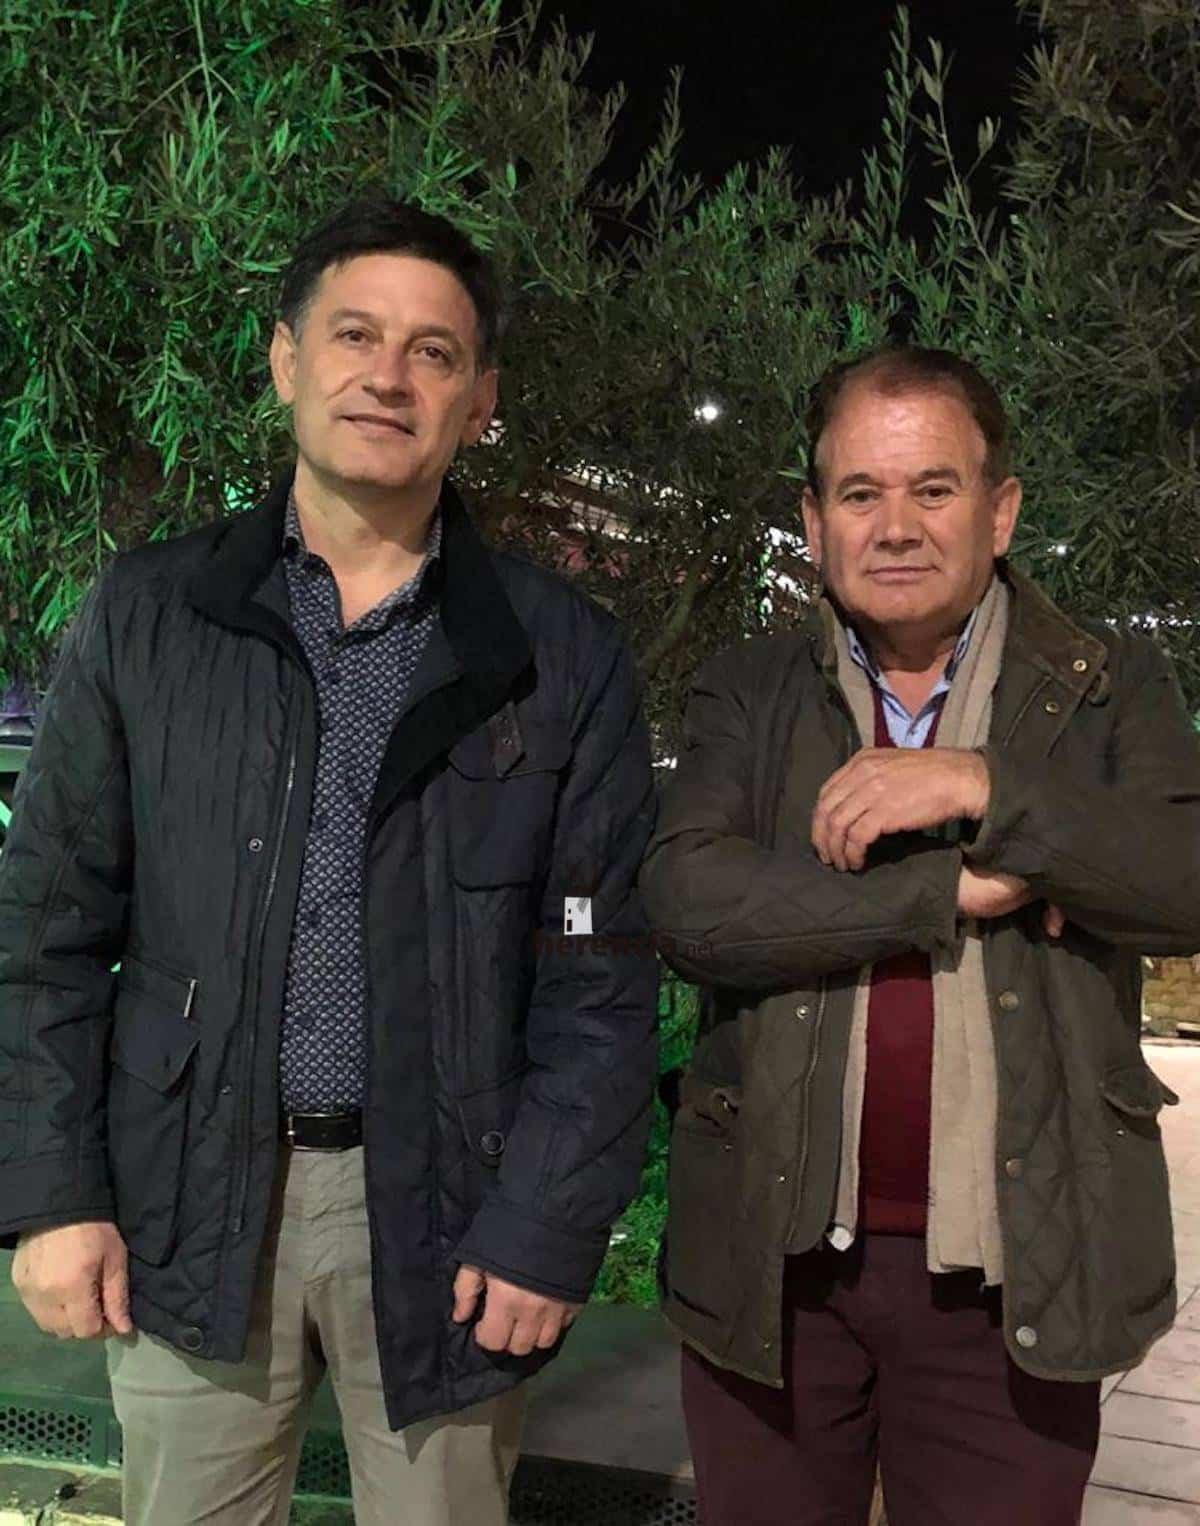 Reunión con Teodomiro Carrero, presidente CUAS Consuegra Villacañas